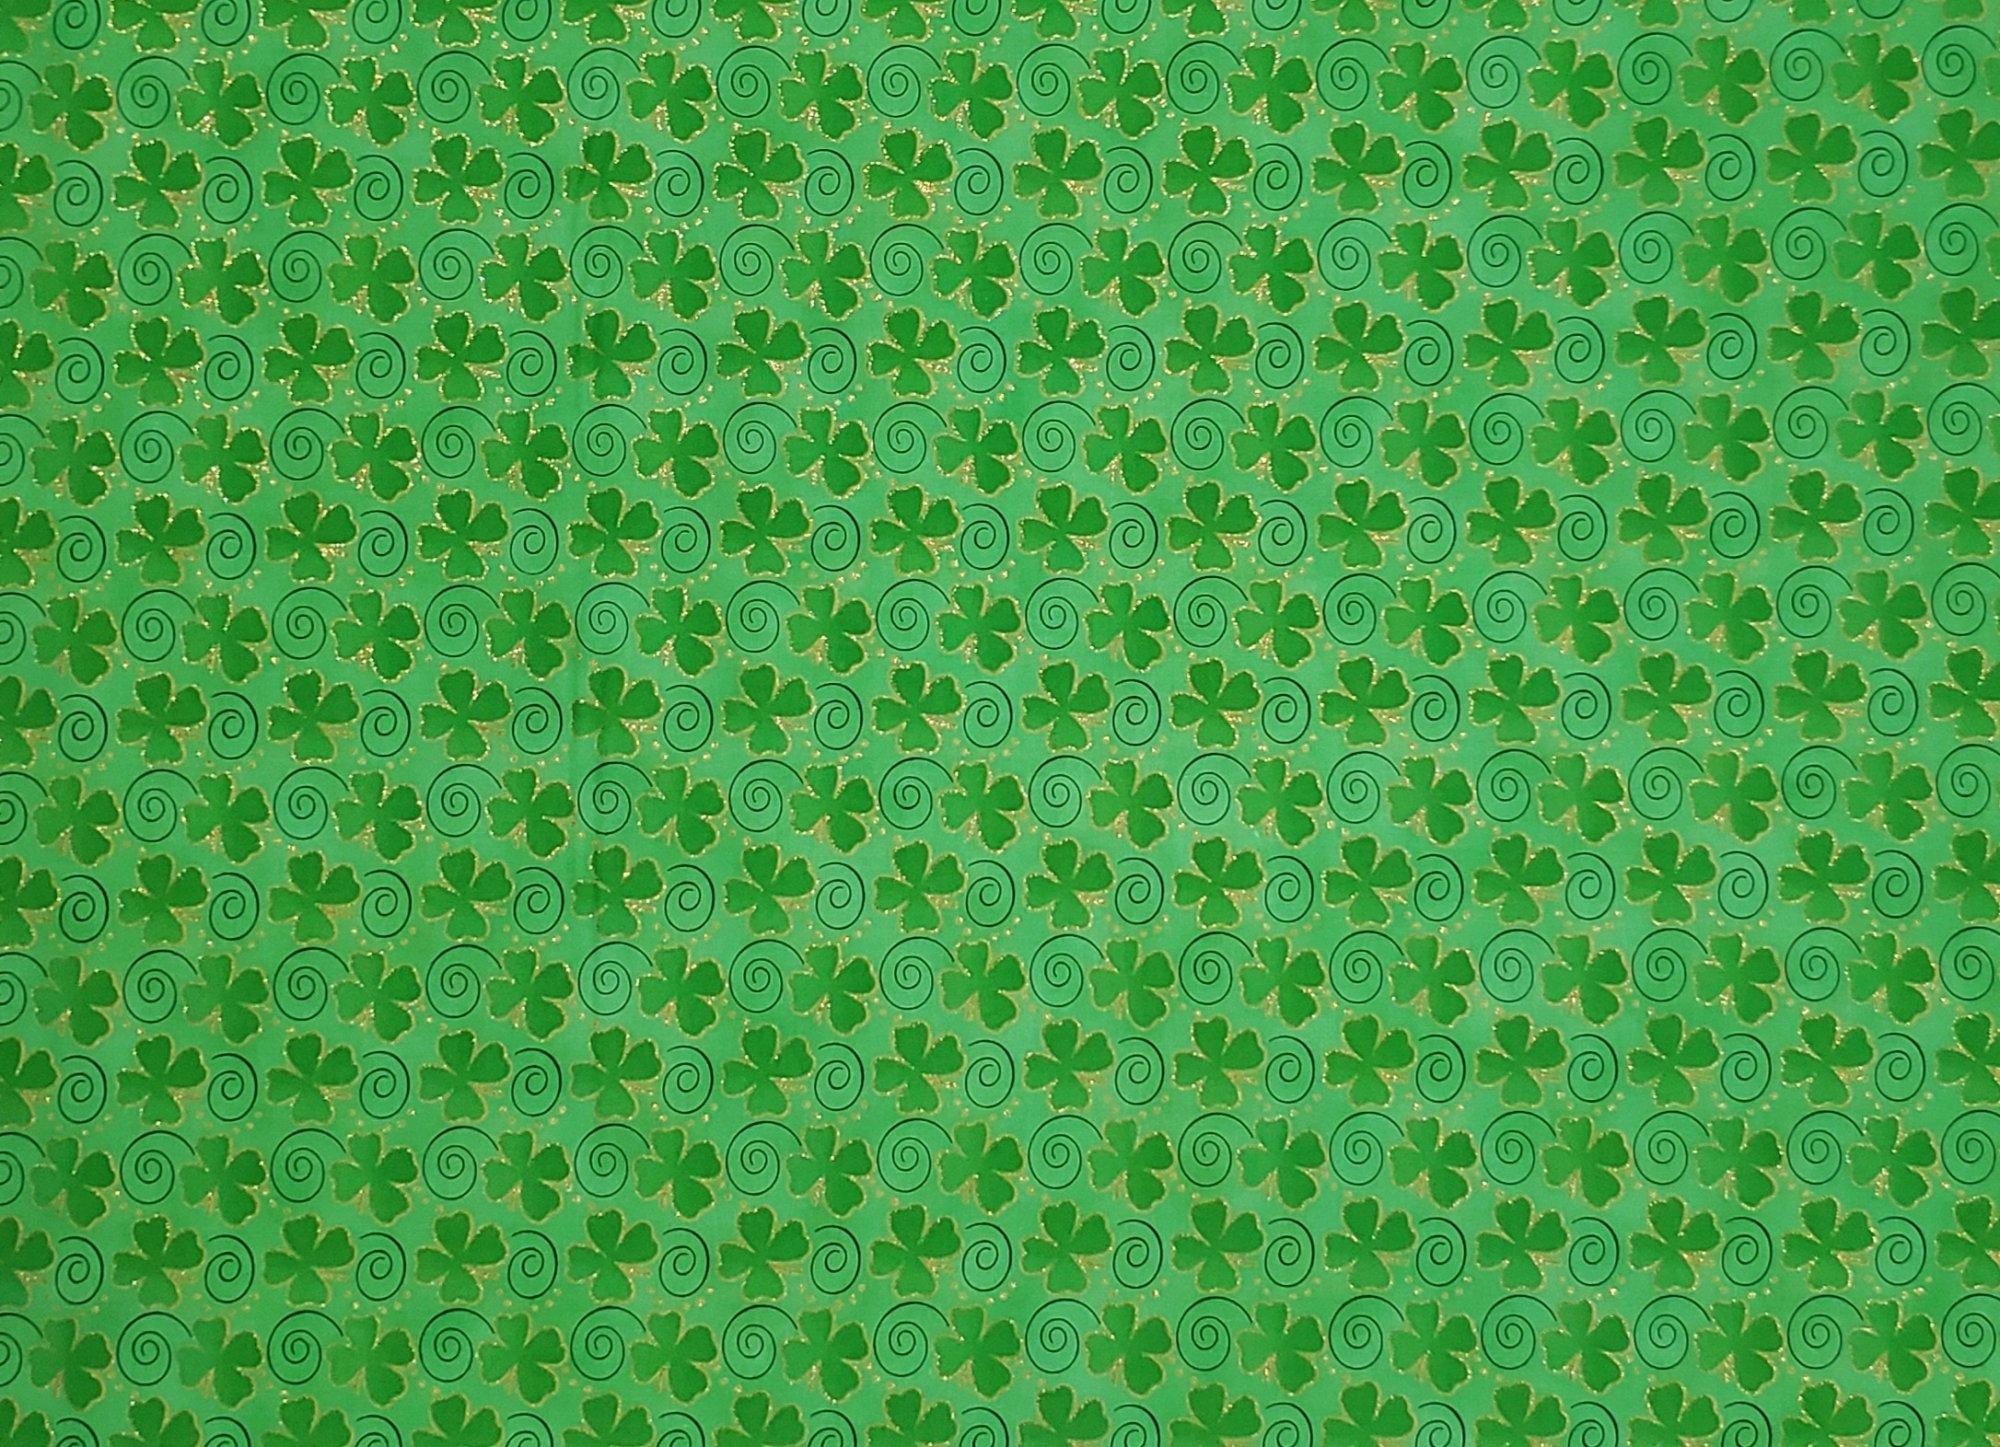 Tossed Glitter Shamrocks 9916 Swirl Green